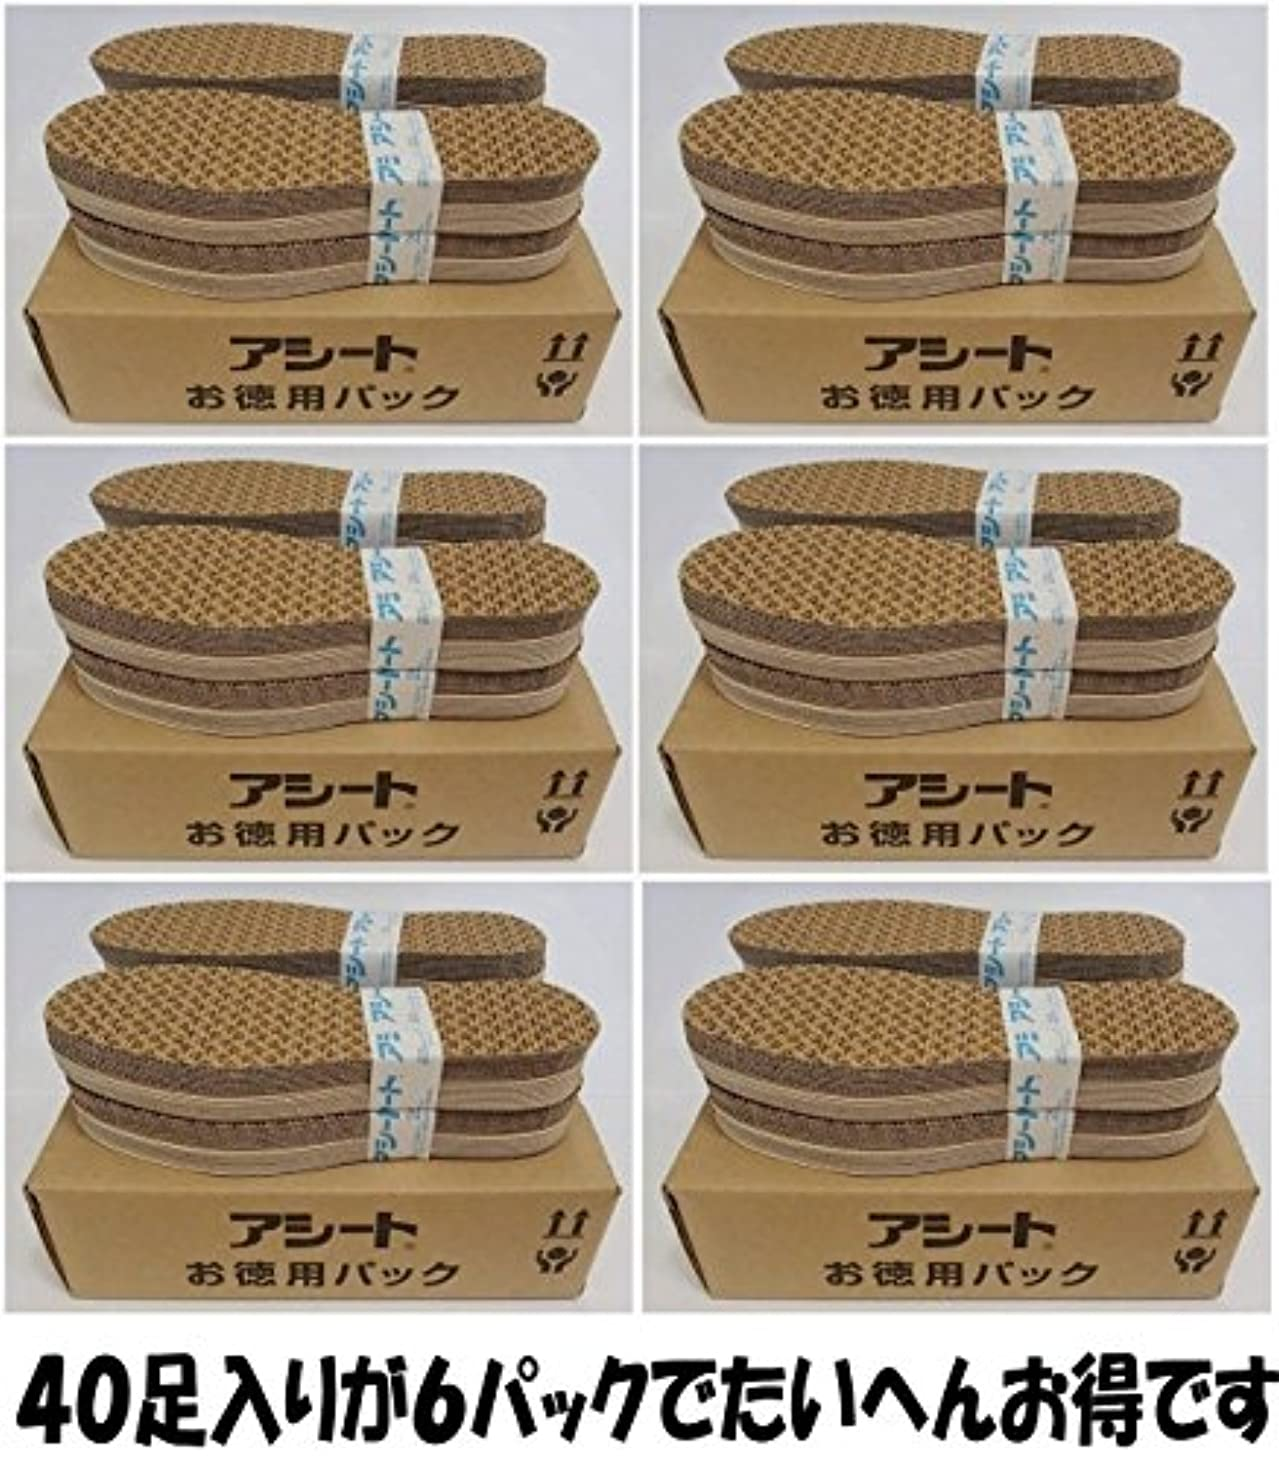 年齢悲しいことに泥だらけアシートOタイプ40足入お徳用6パックの240足セット (24.5~25cm 男性靴用)